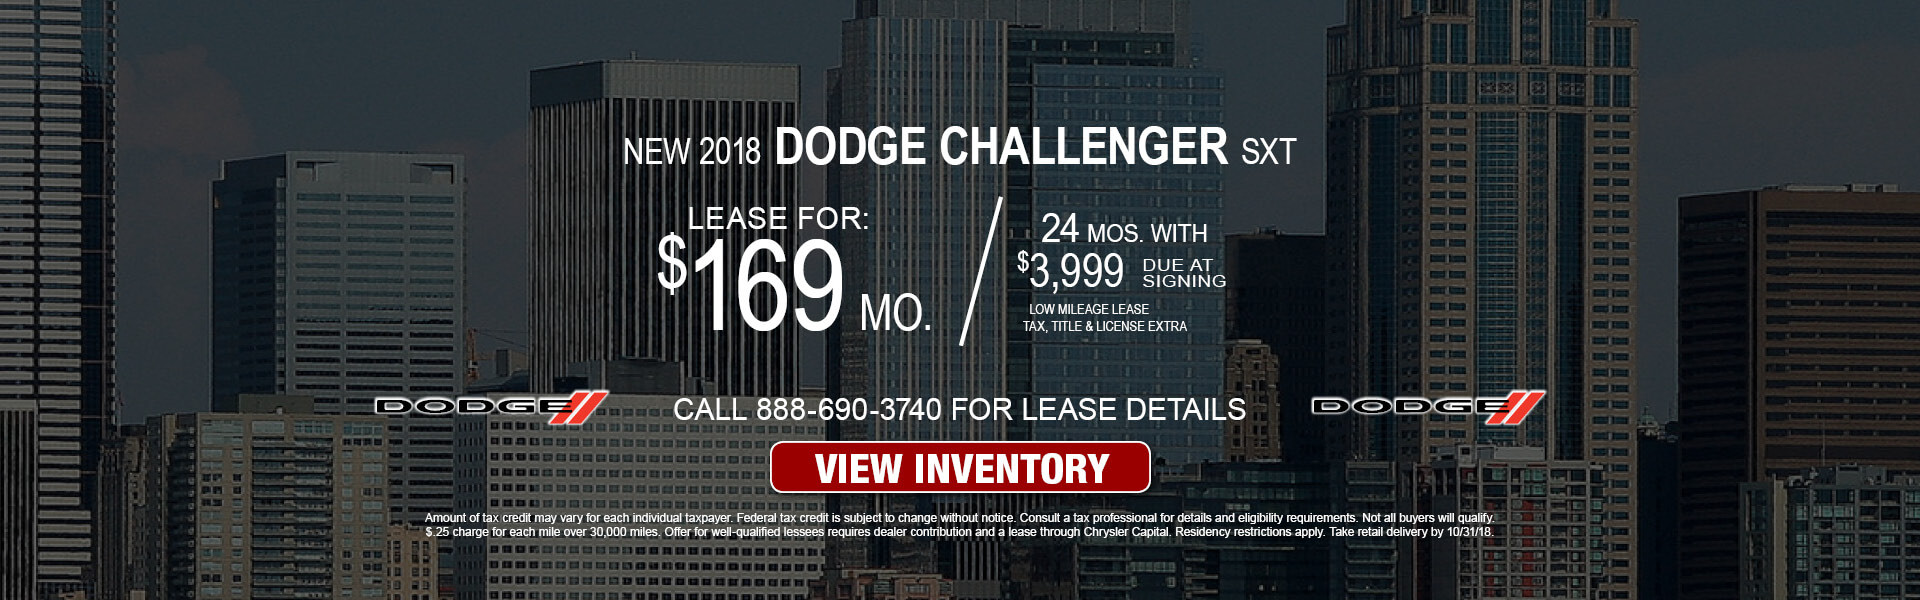 Dodge Challenger SXT $169 Lease